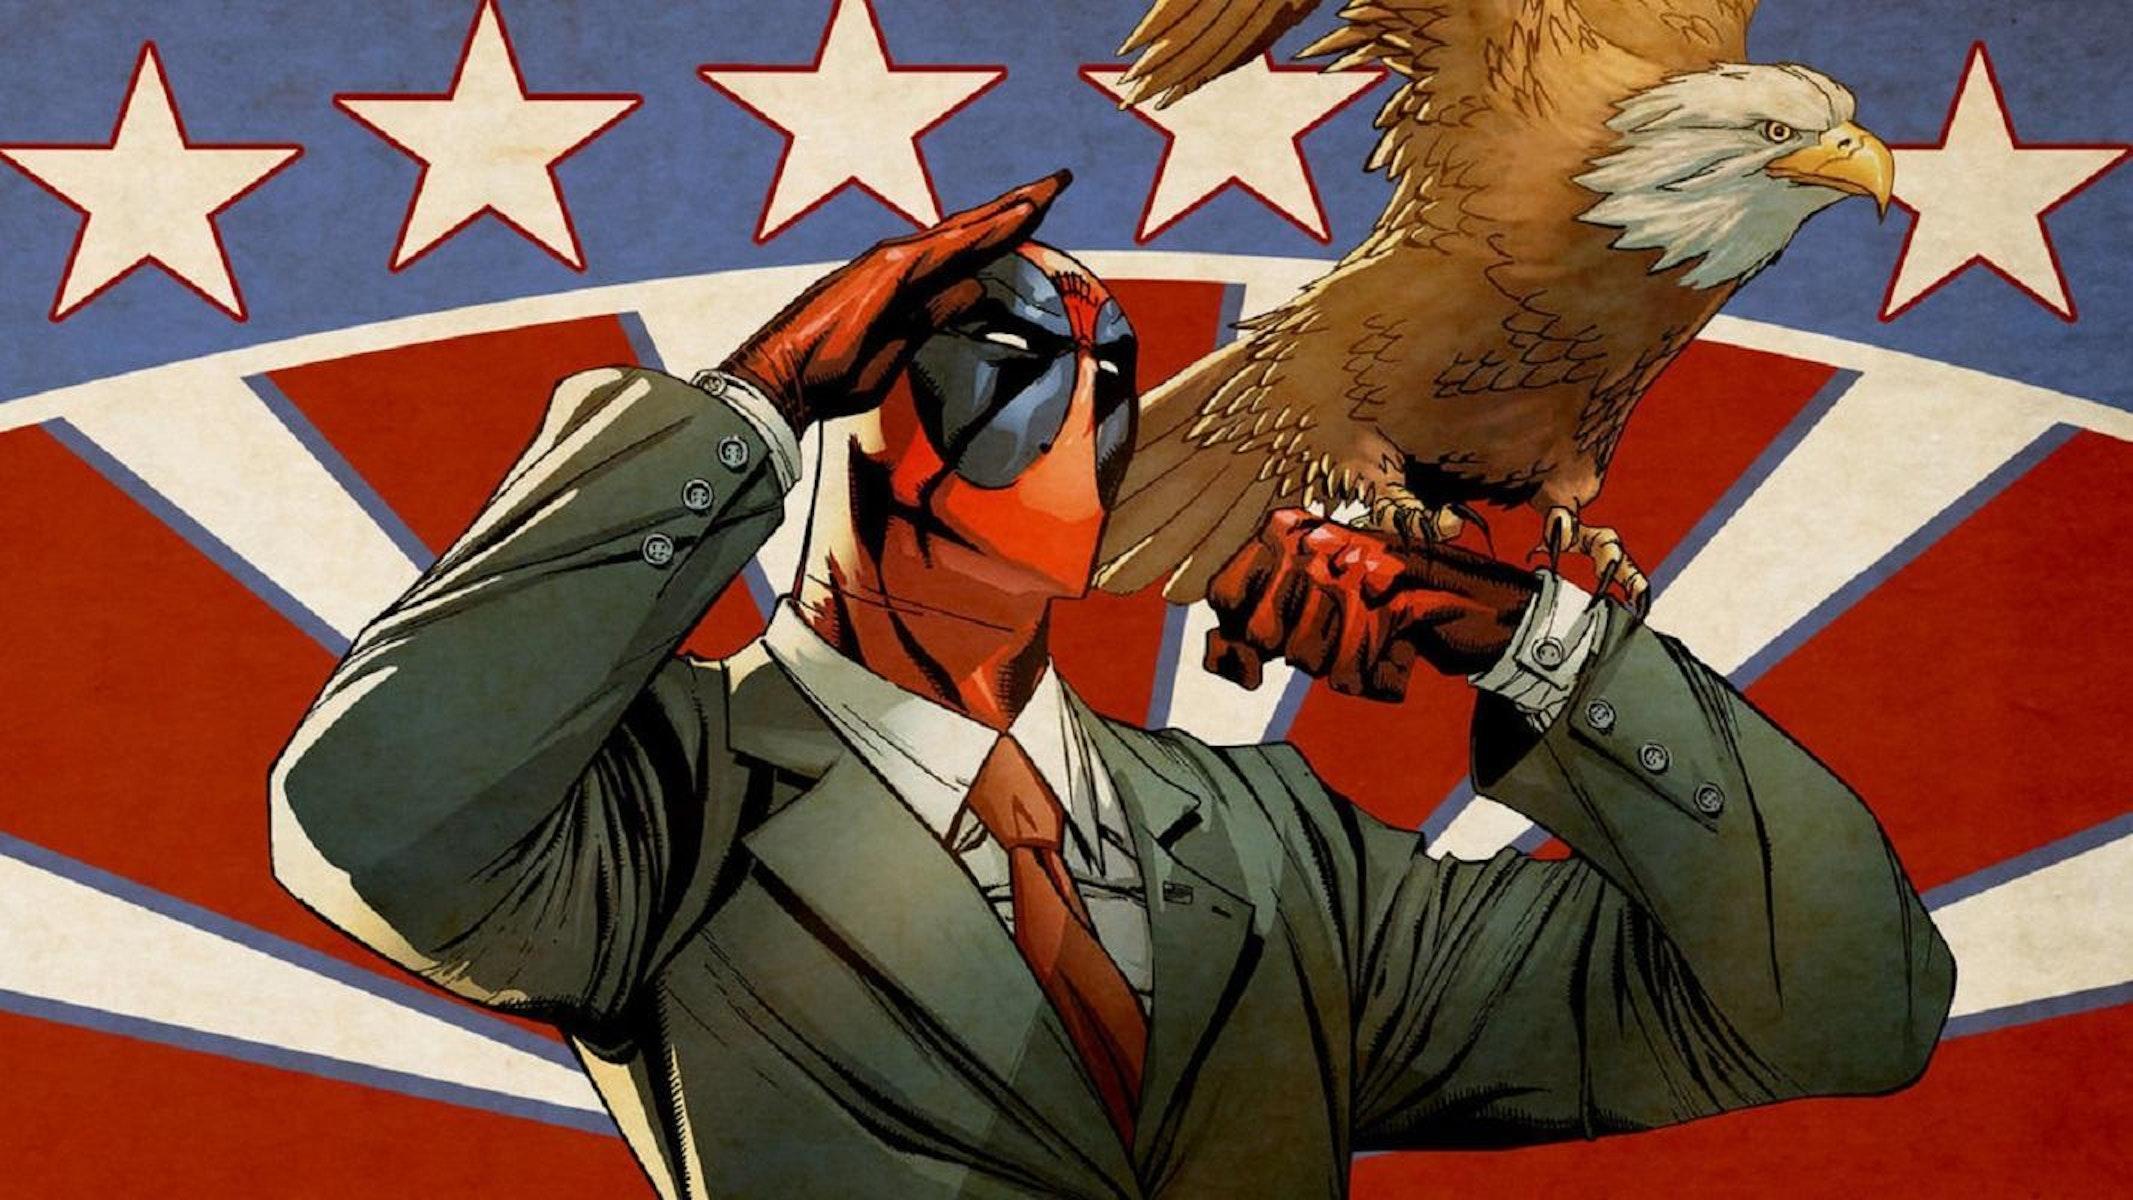 Make America Merc Again.